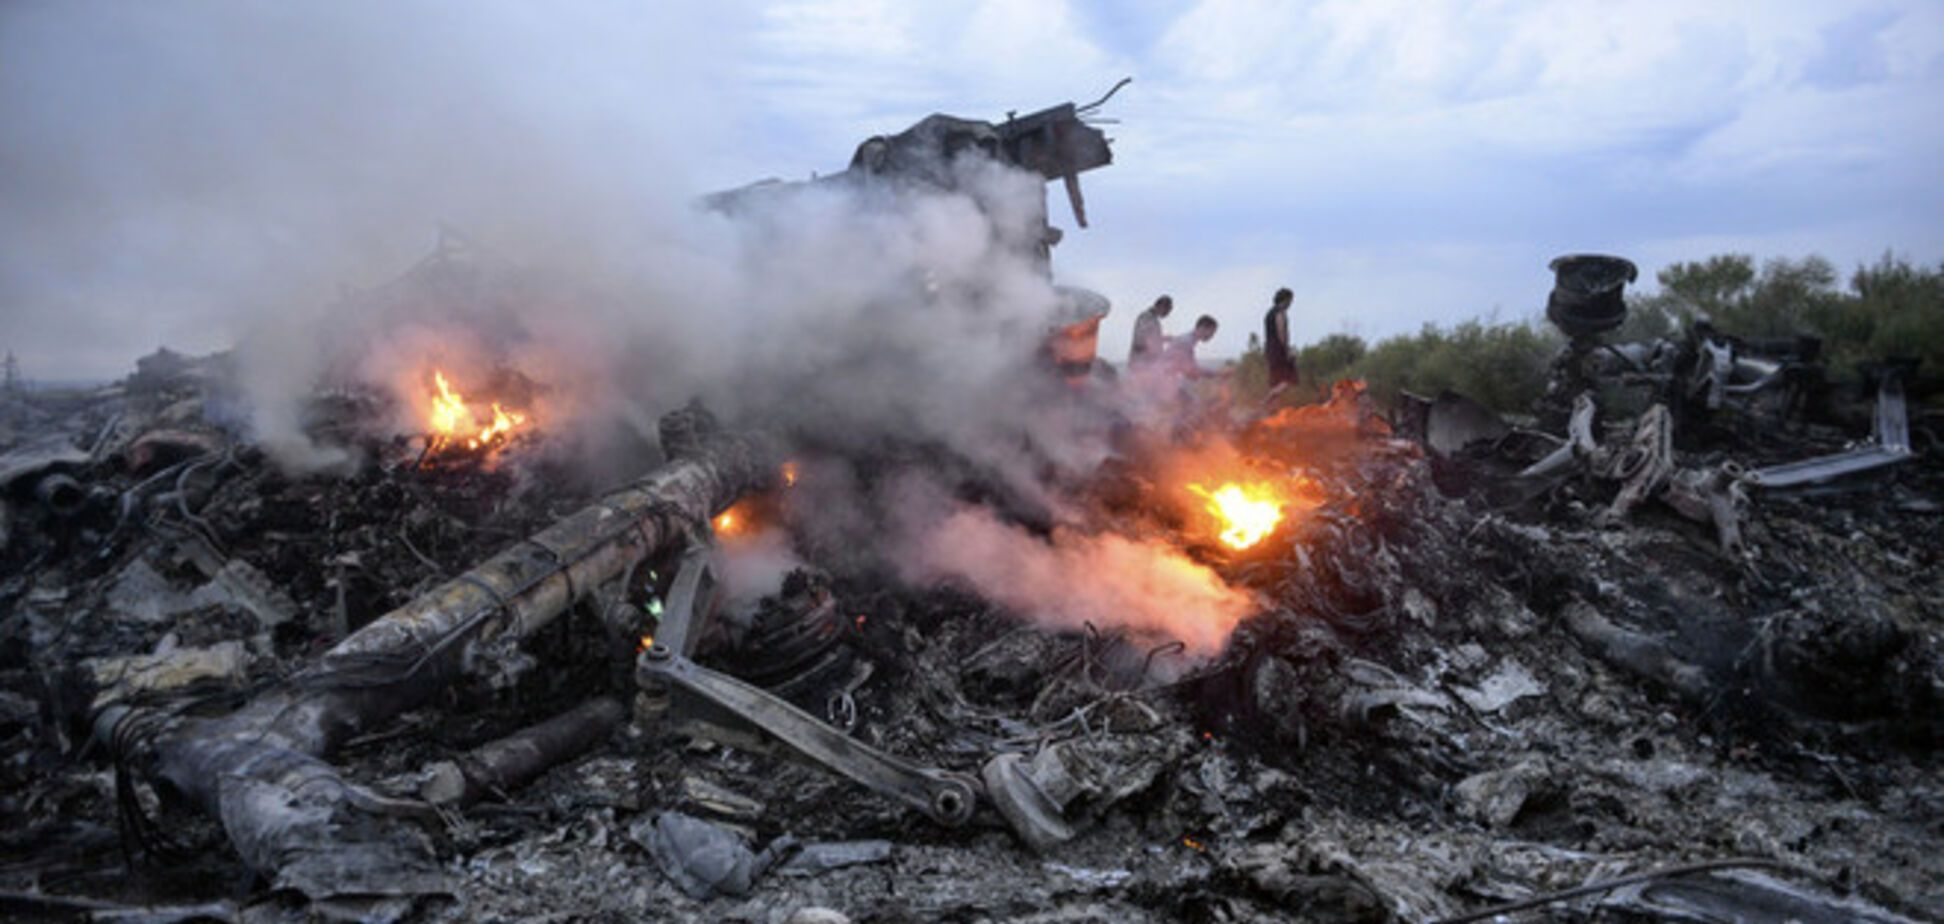 Опубликовано видео первых минут после крушения Boeing-777: жители обсуждают ракету